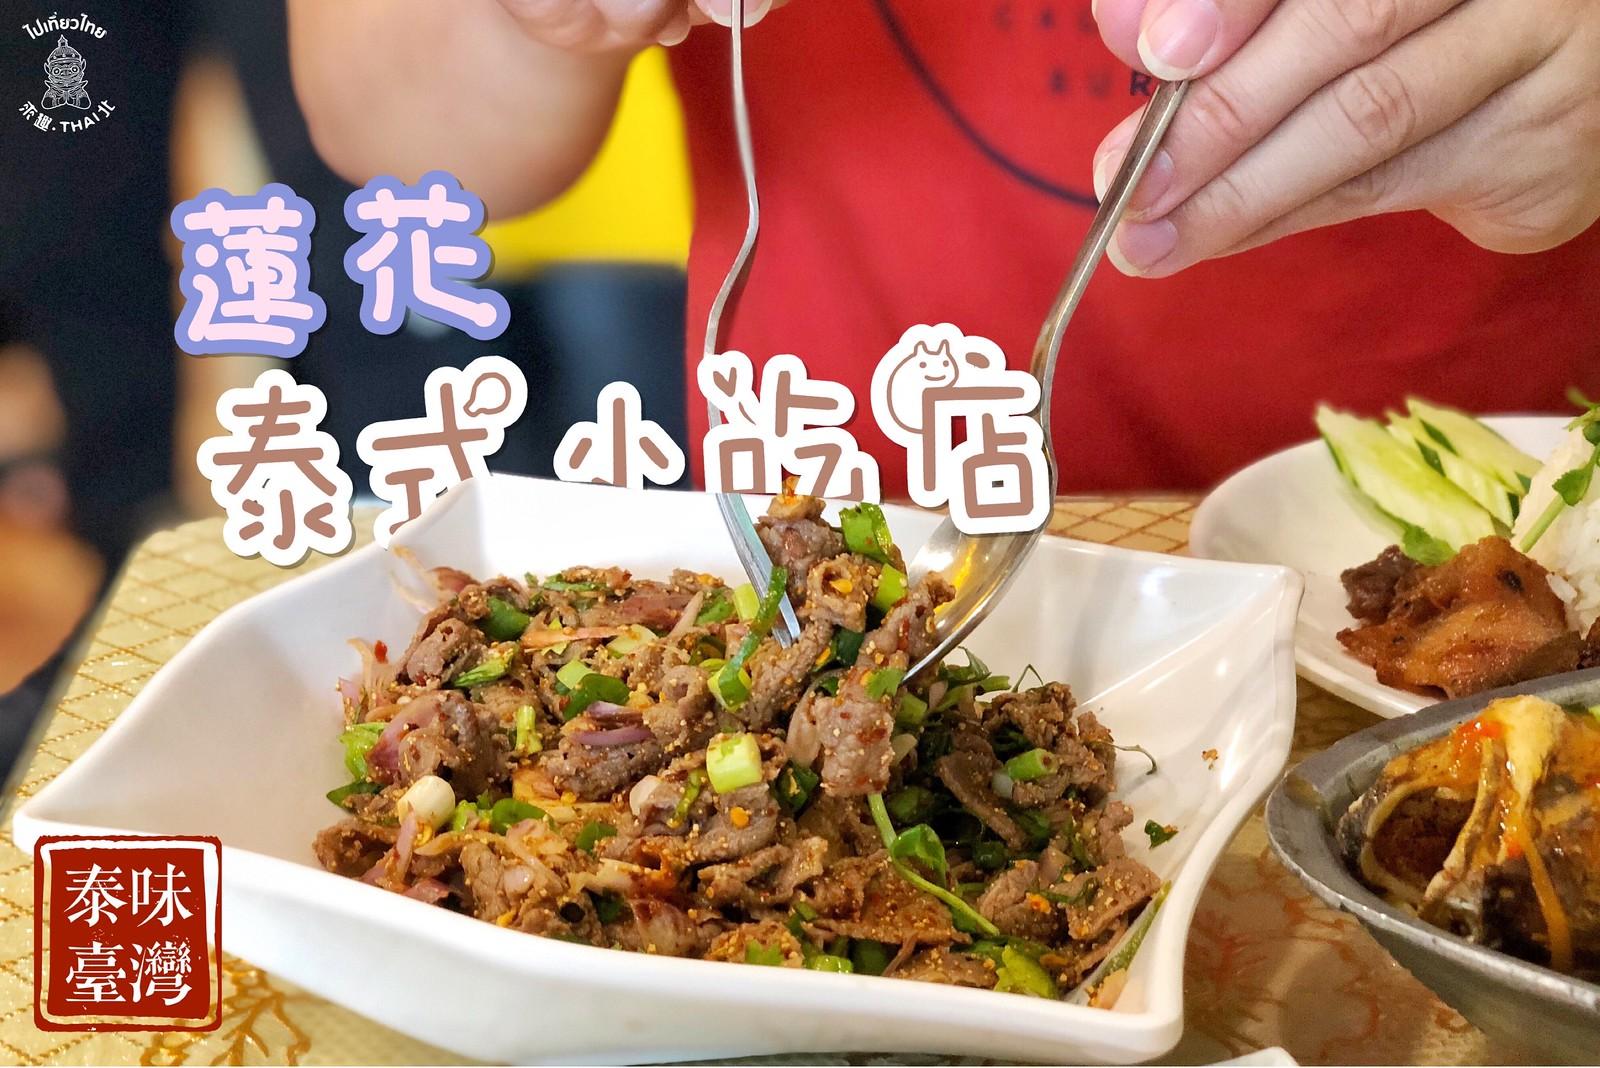 來自加拉信府的泰國味「蓮花泰式小吃店」